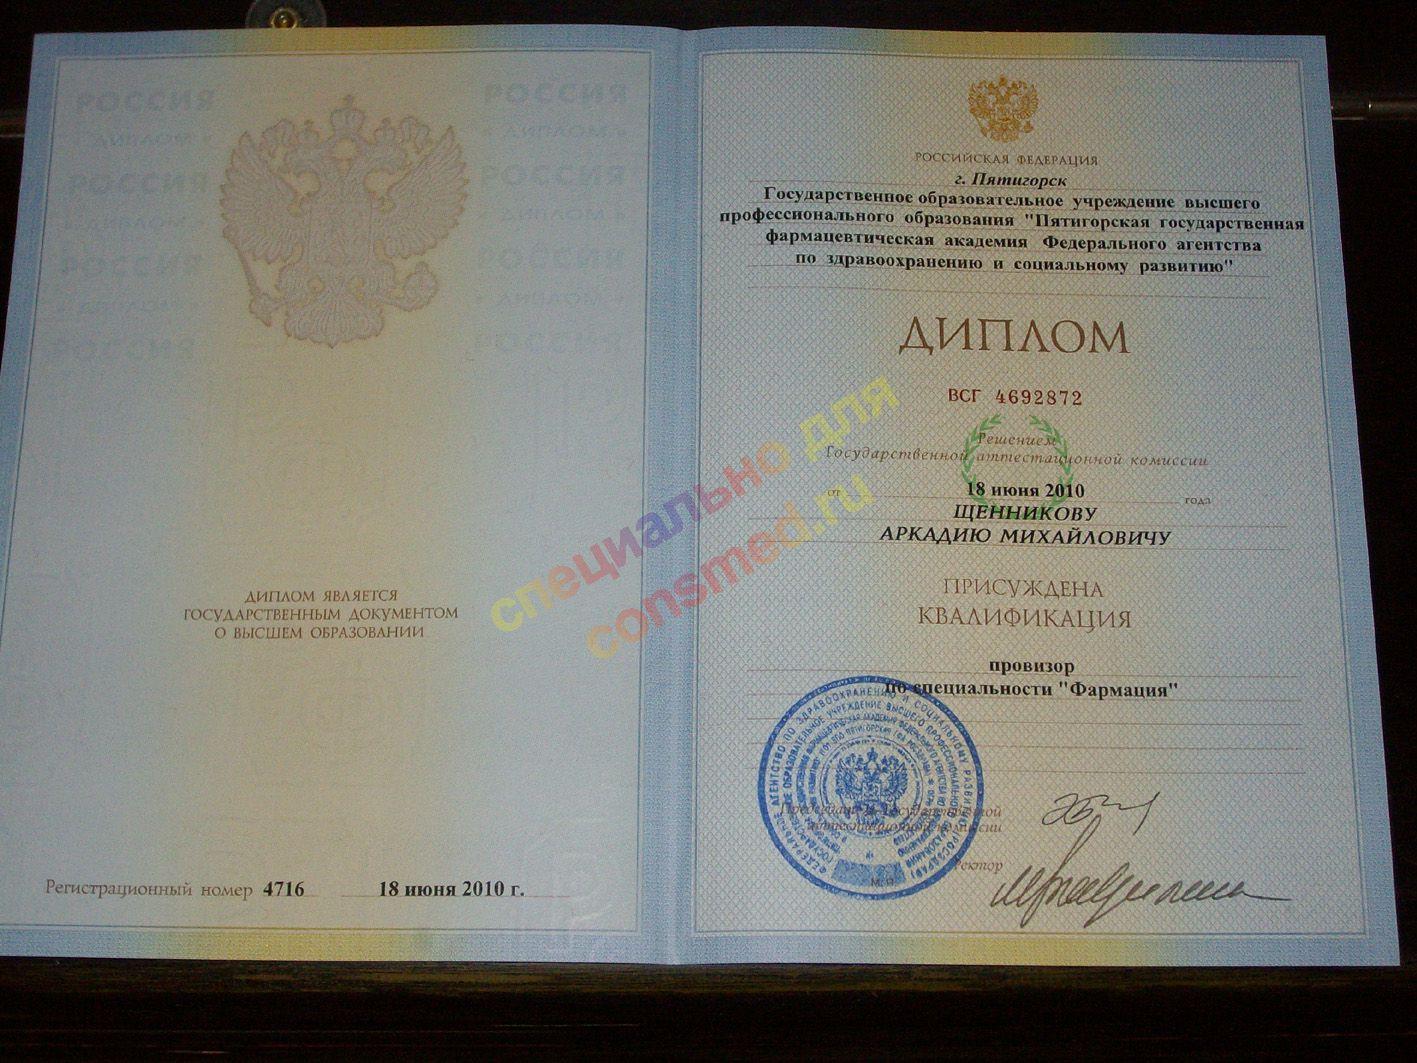 Номер диплома среднем профессиональном образовании йошкар Еще Номер диплома среднем профессиональном образовании йошкар в Москве